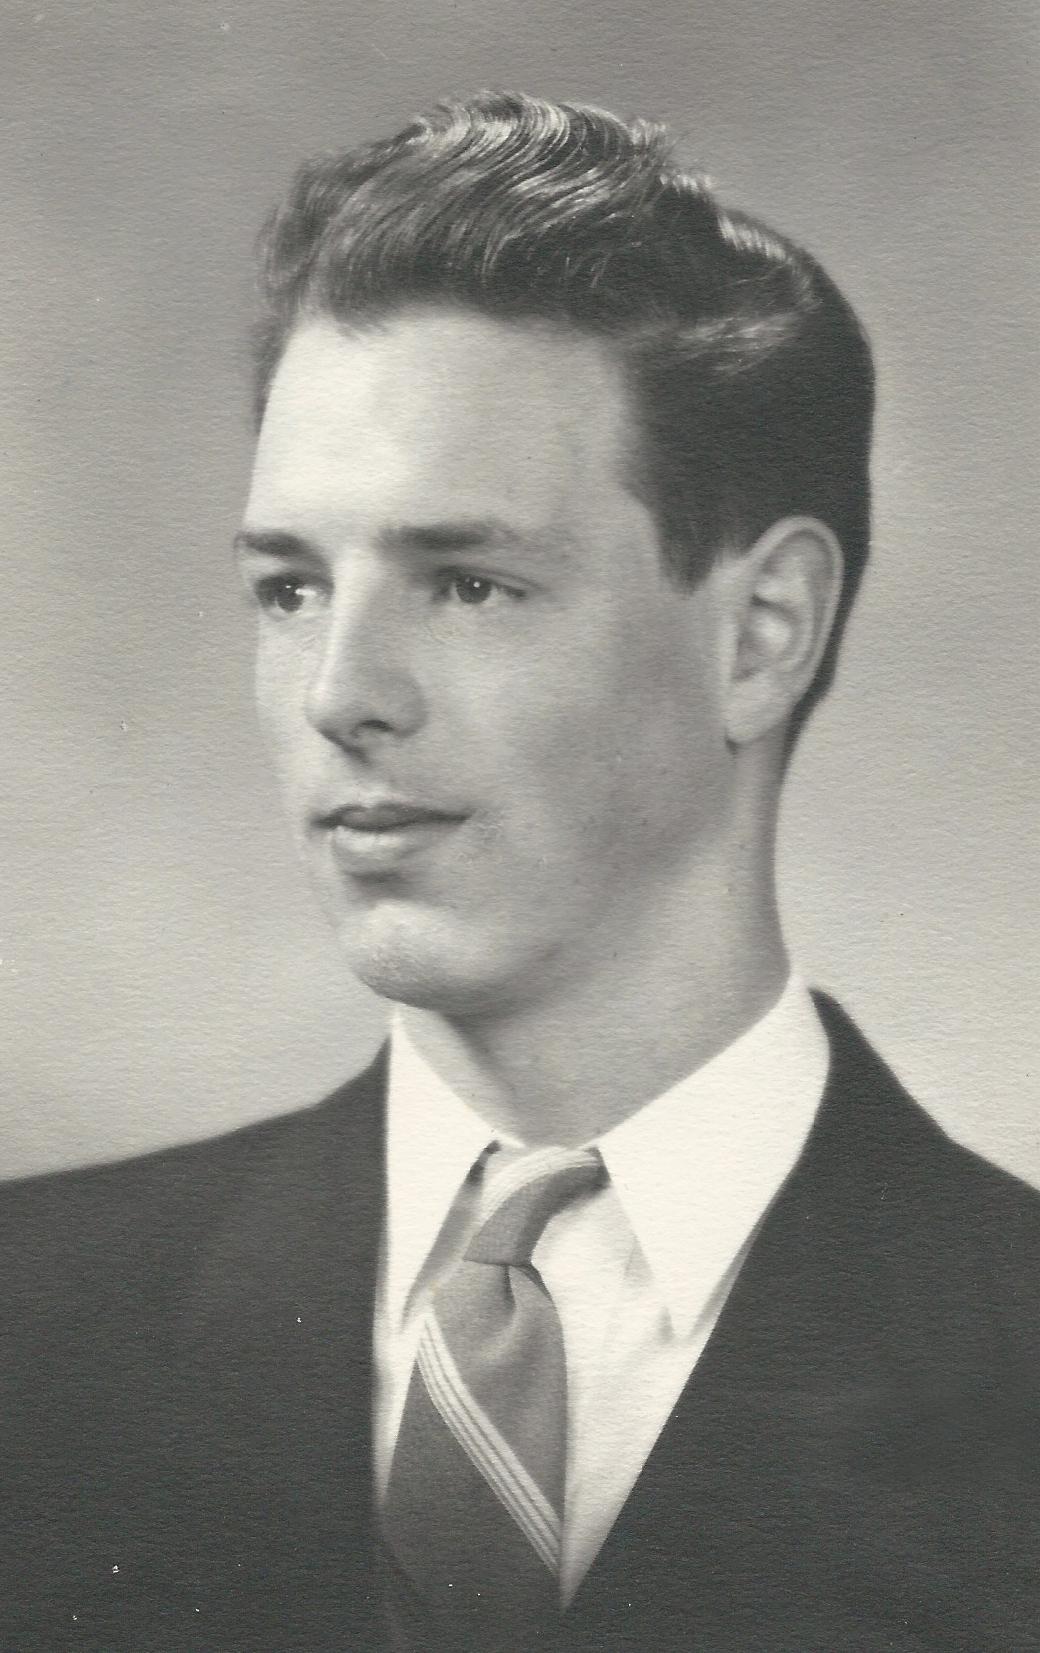 Mayfield, James Y